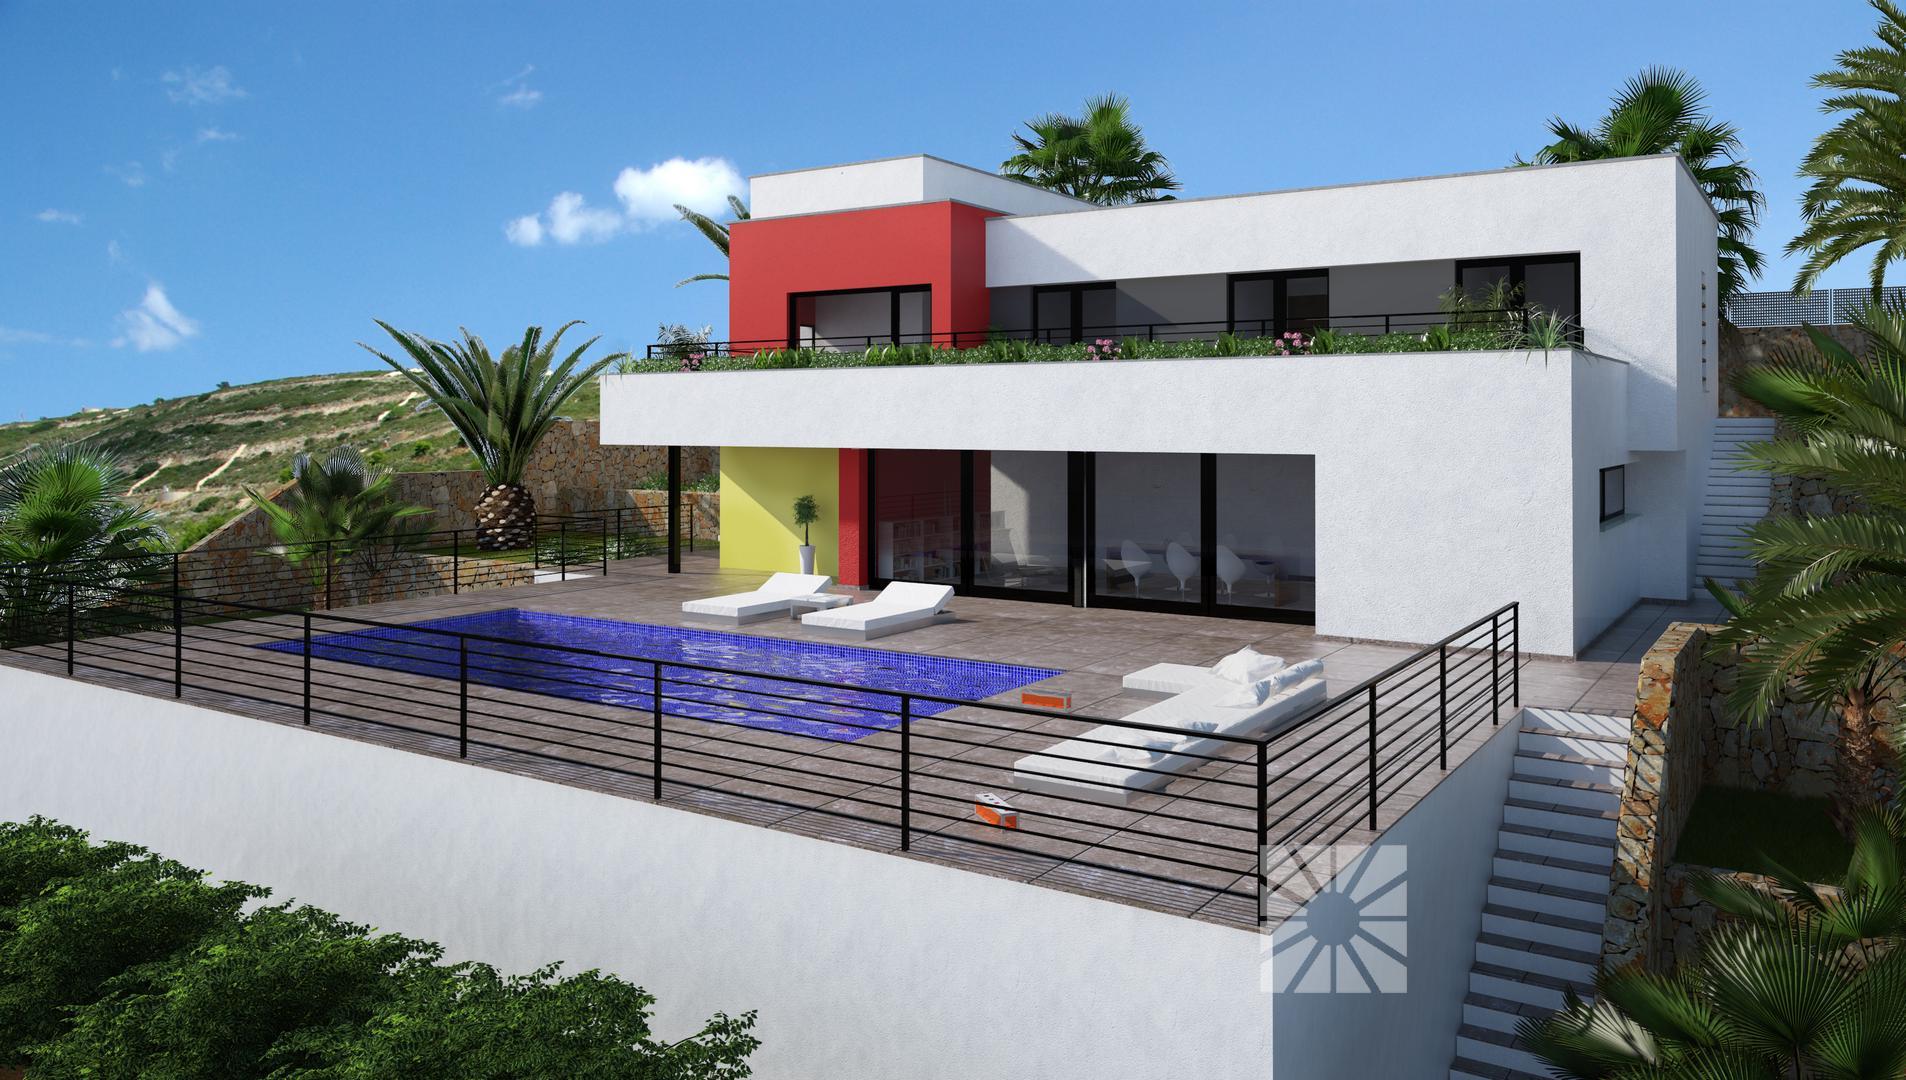 Коста бланка недвижимость купить спб